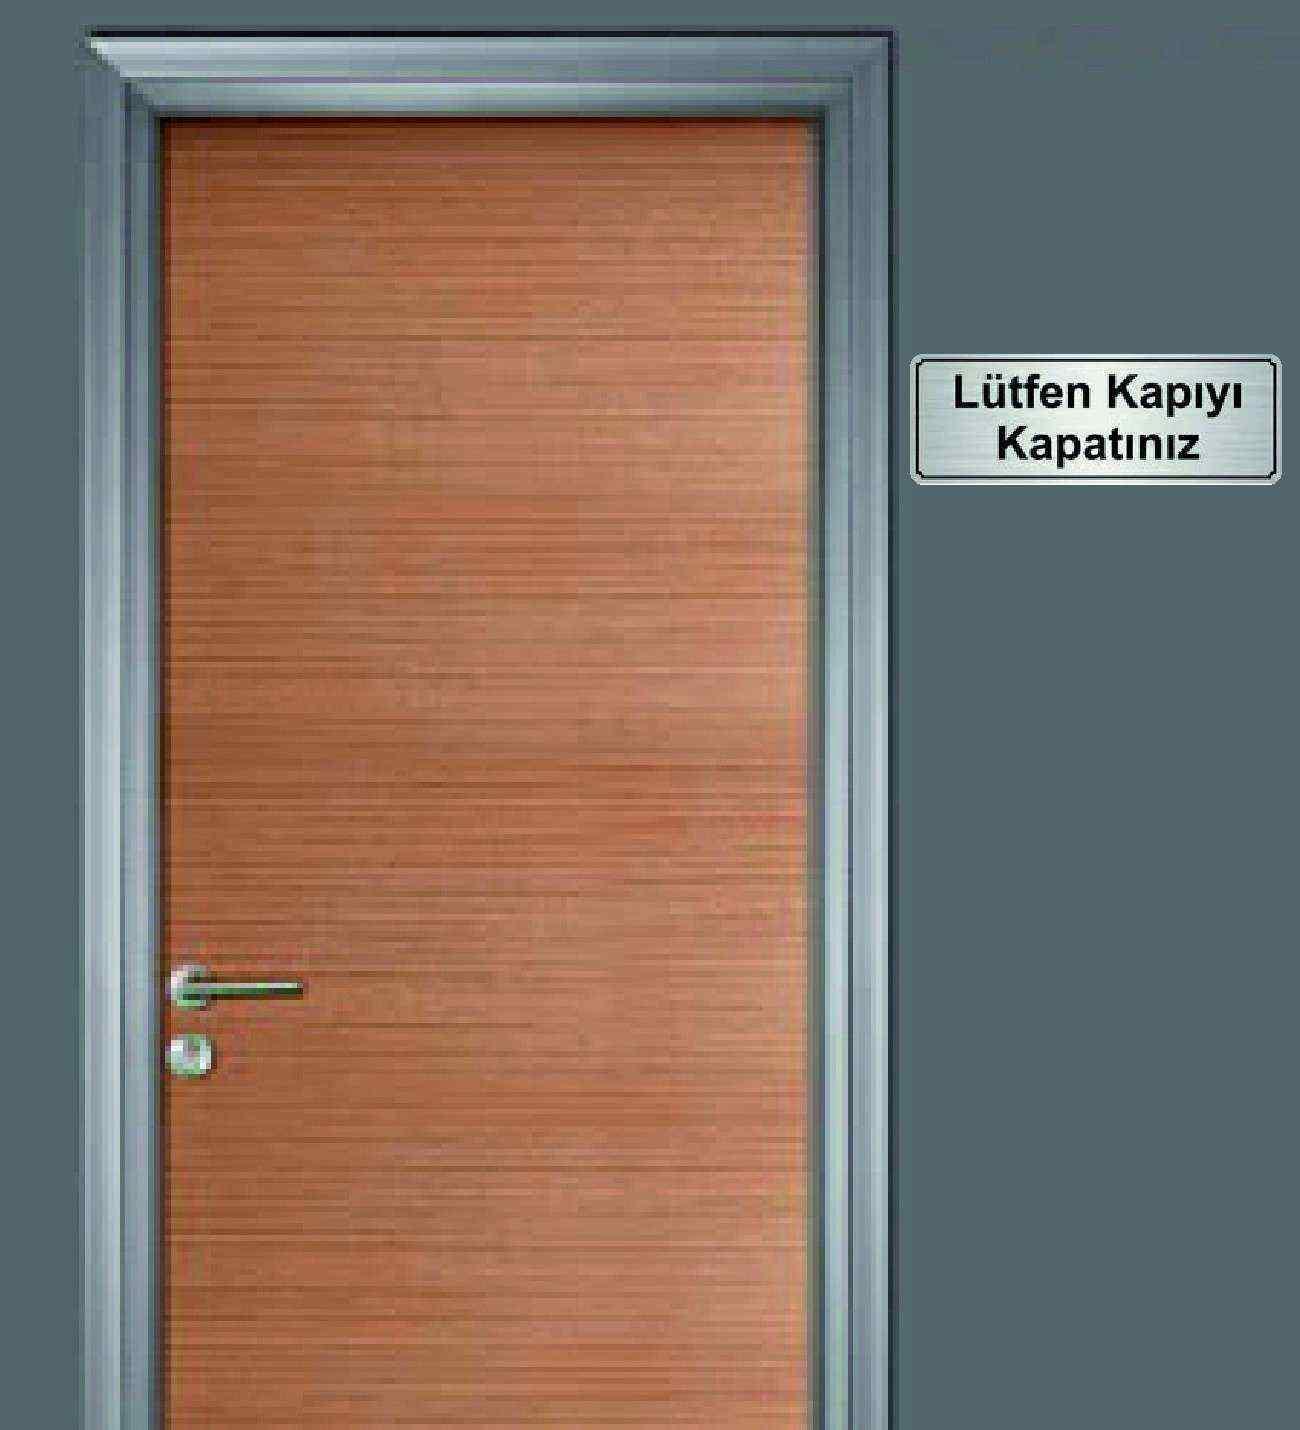 10x20 cm Lütfen Kapıyı Kapatınız Yazılı Metal Yönlendirme Levhası